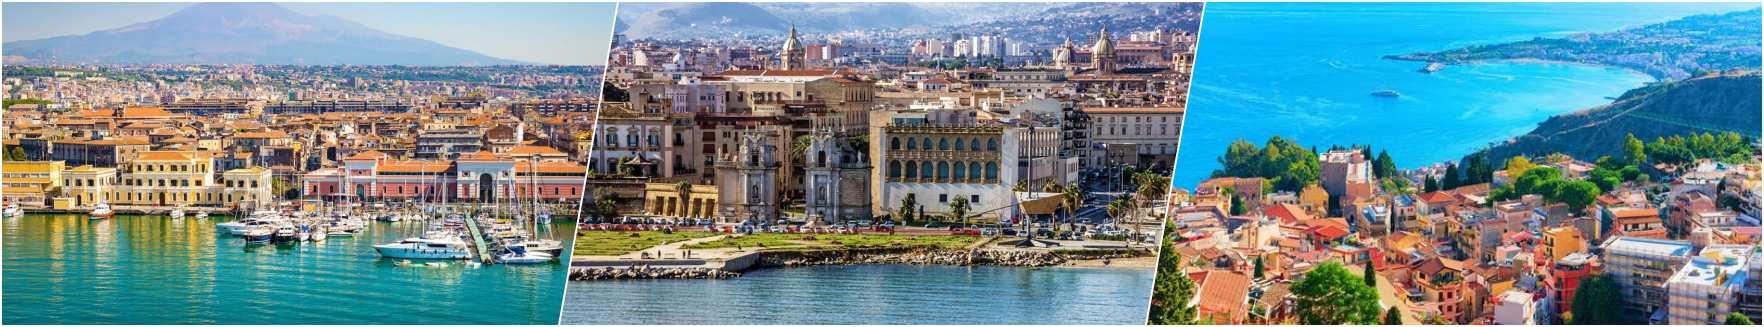 Catania - Palermo - Taormina